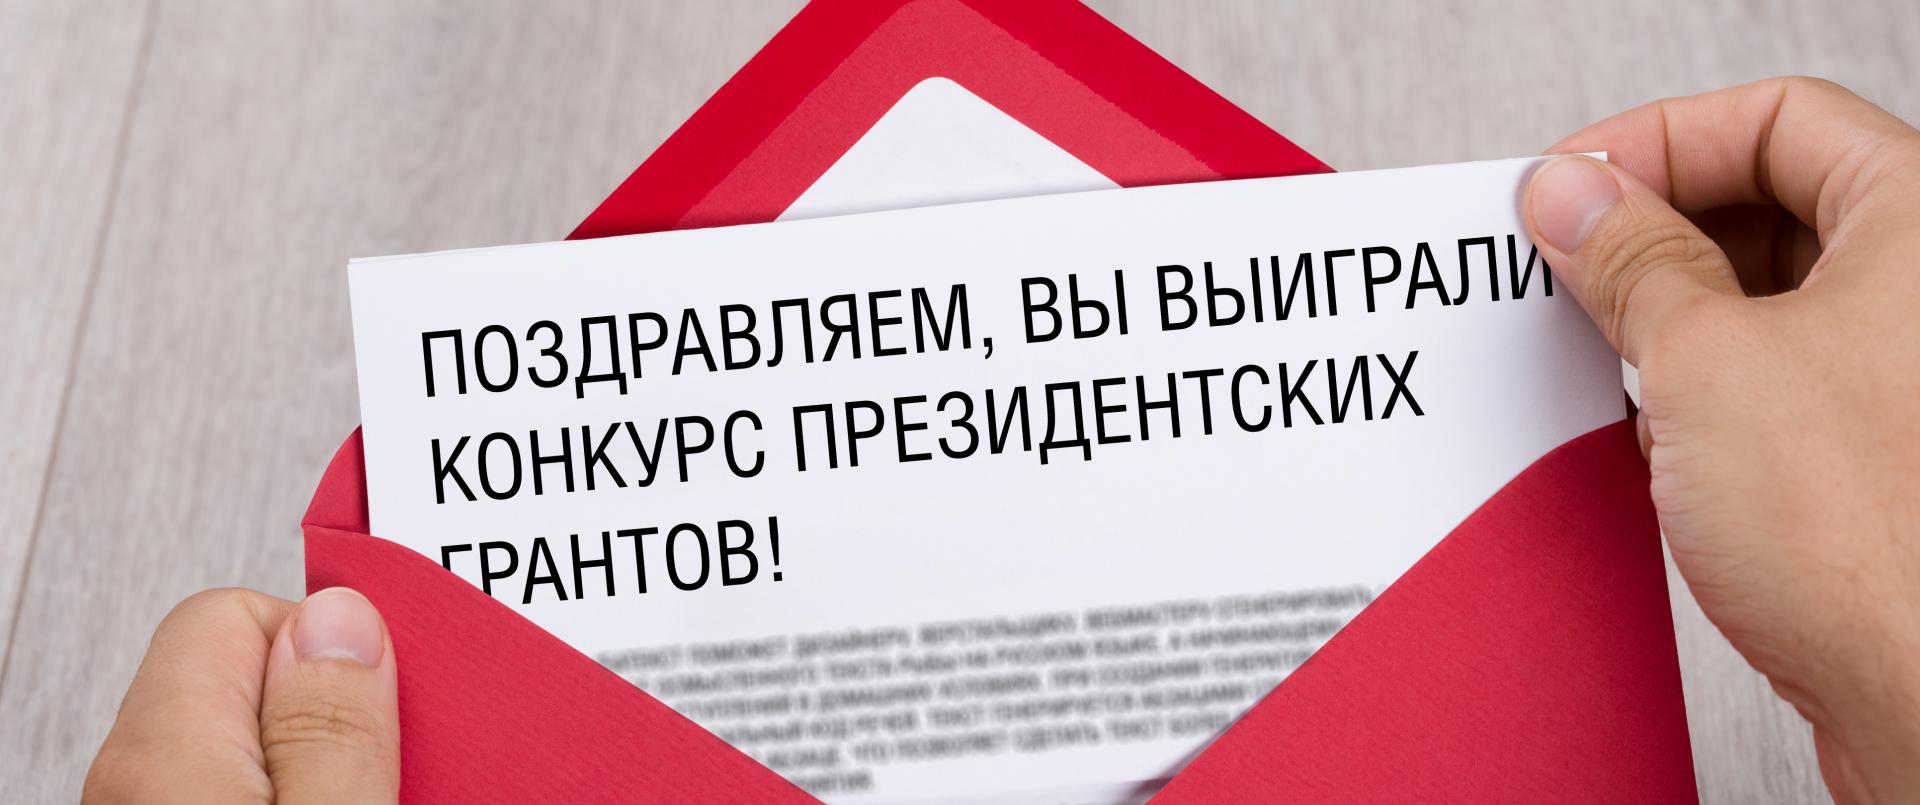 некоммерческая организация фонд пермского края